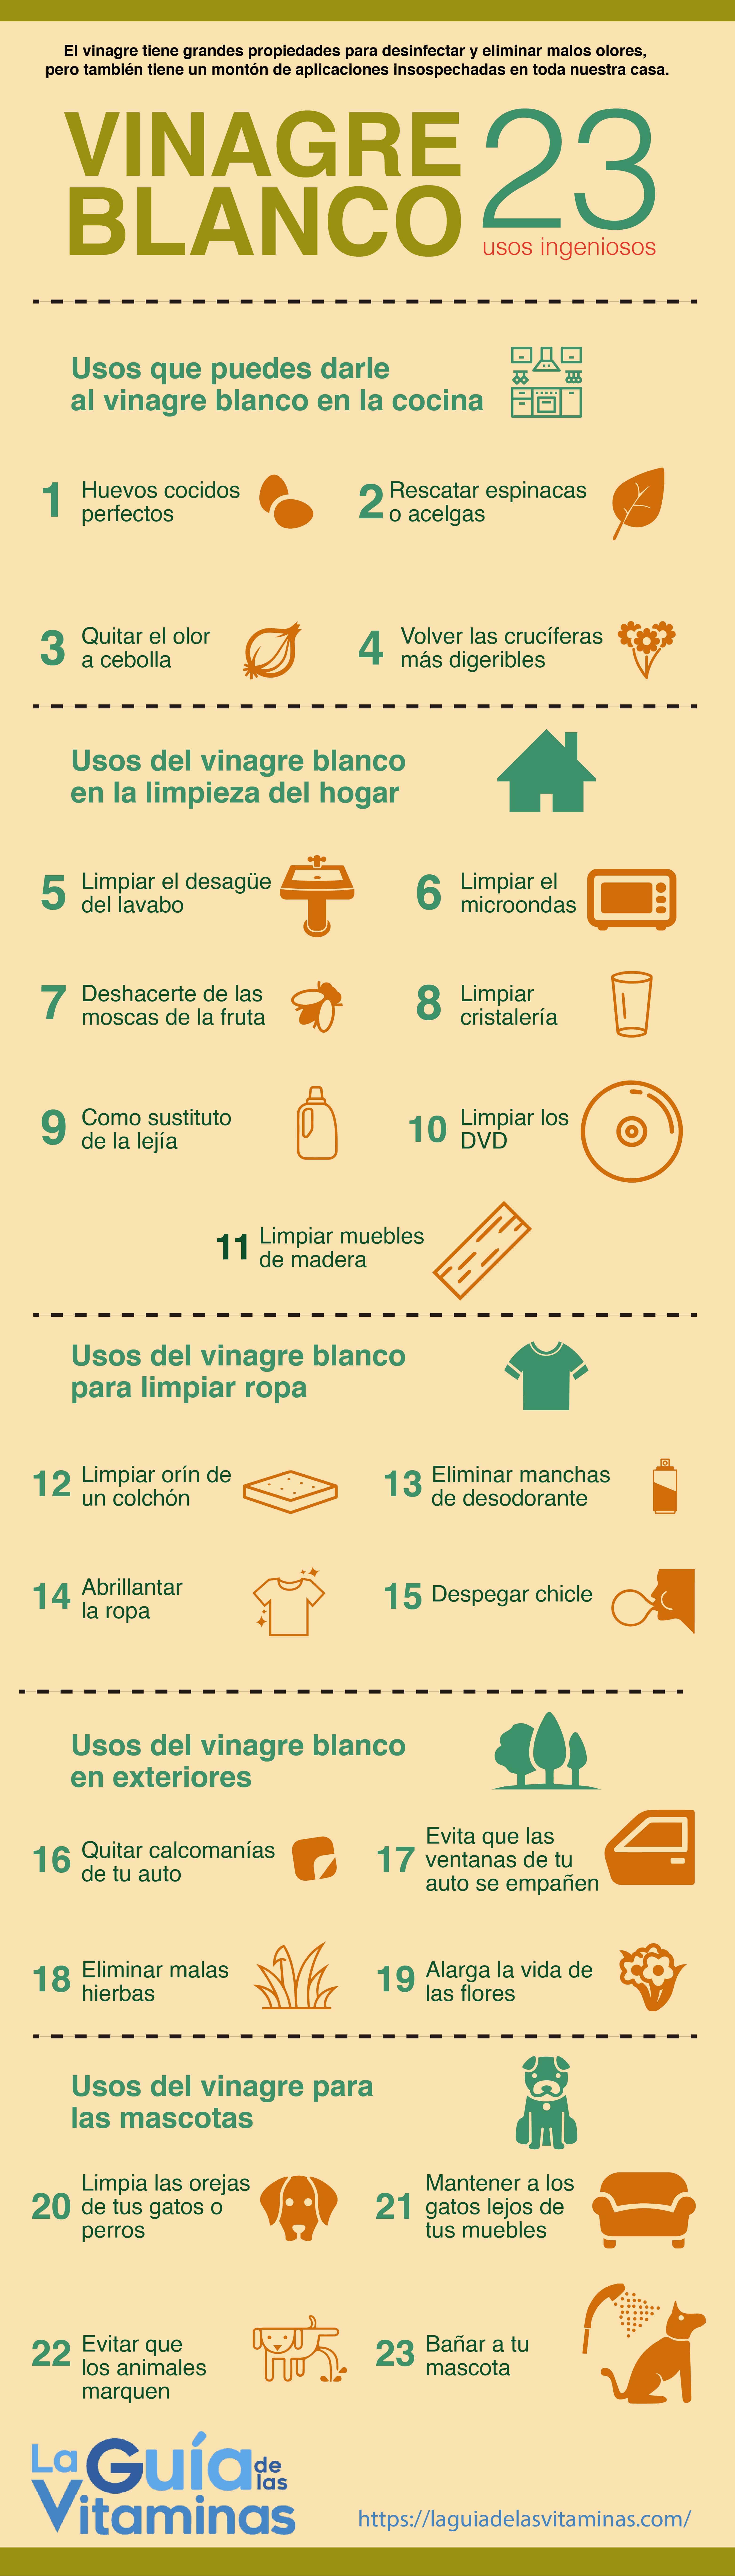 10 usos que no conocías del vinagre blanco. Tu ropa quedará como nueva